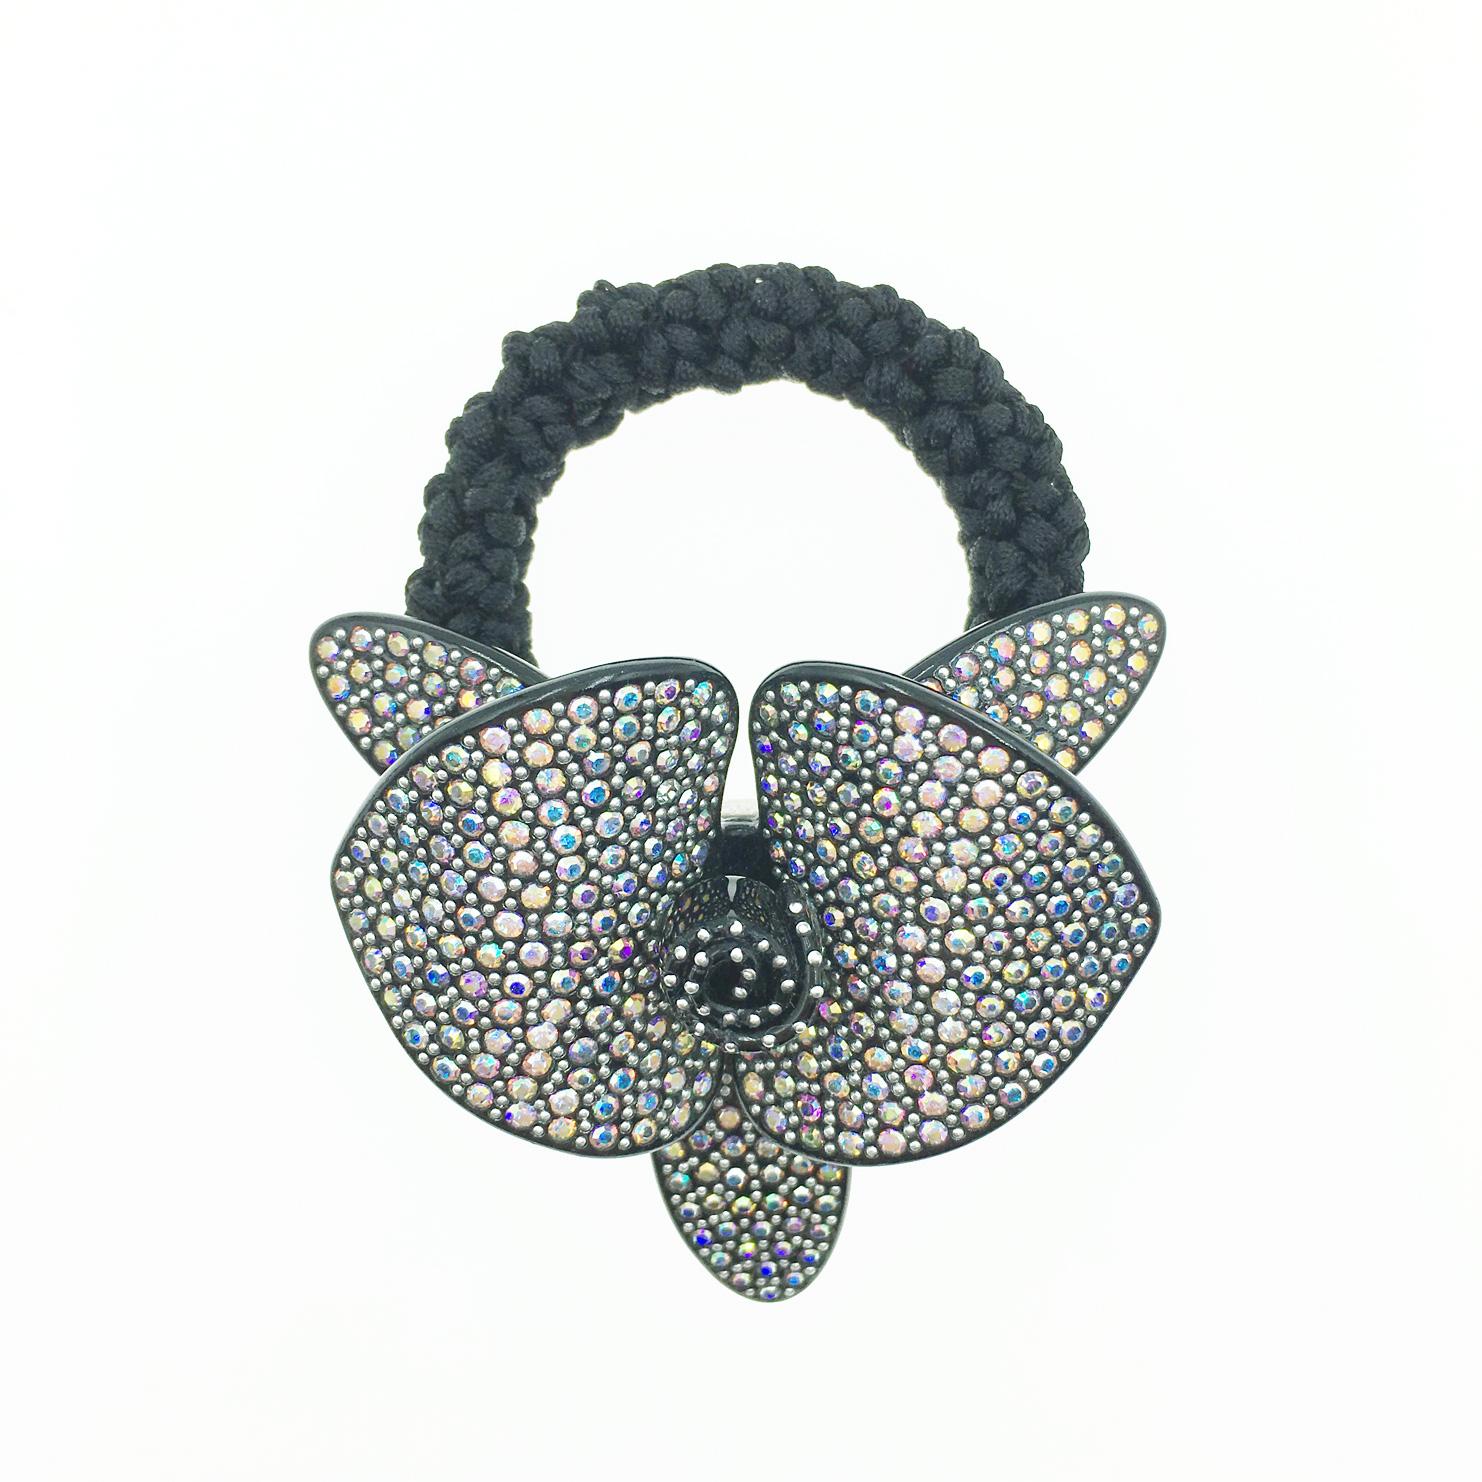 韓國 立體花 花蕊 水鑽水晶 髮飾 髮圈 採用施華洛世奇水晶元素 Crystals from Swarovski